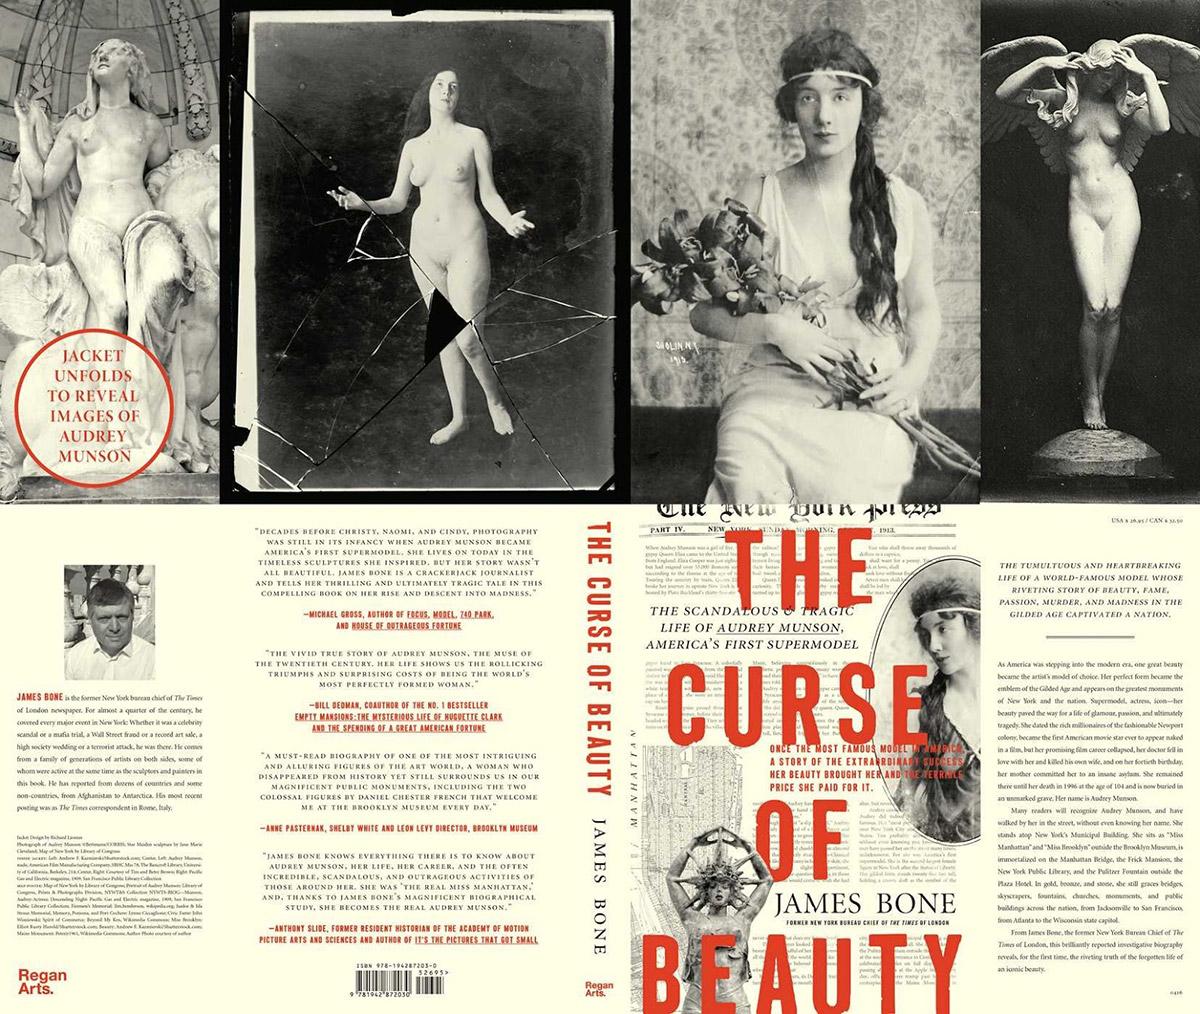 Audrey Munson: America's Venus